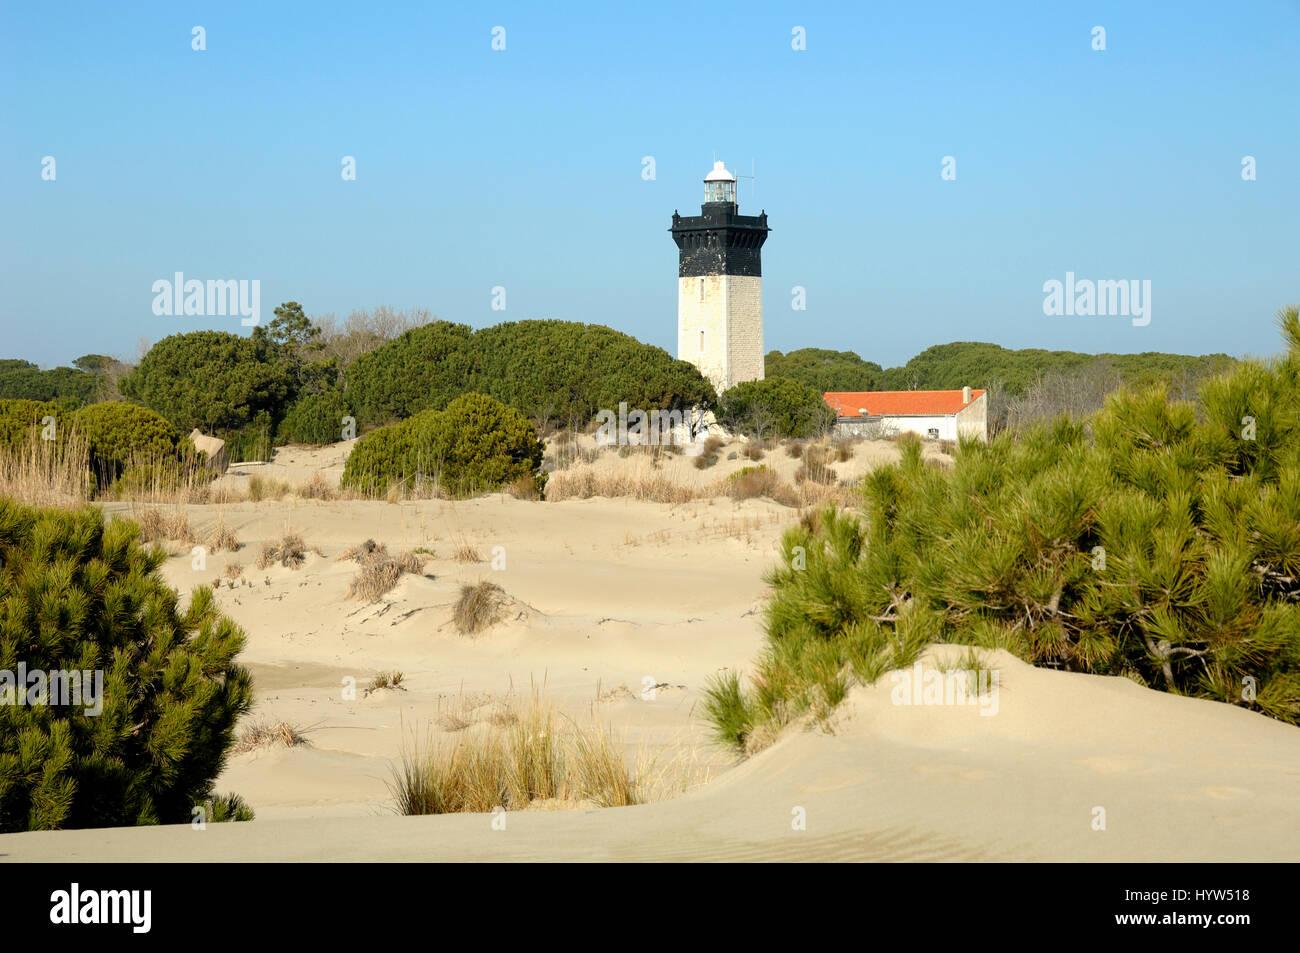 Espiguette Beach or Plage d'Espiguette and Lighthouse at Le Grau-du-Roi Camargue Gard France Stock Photo